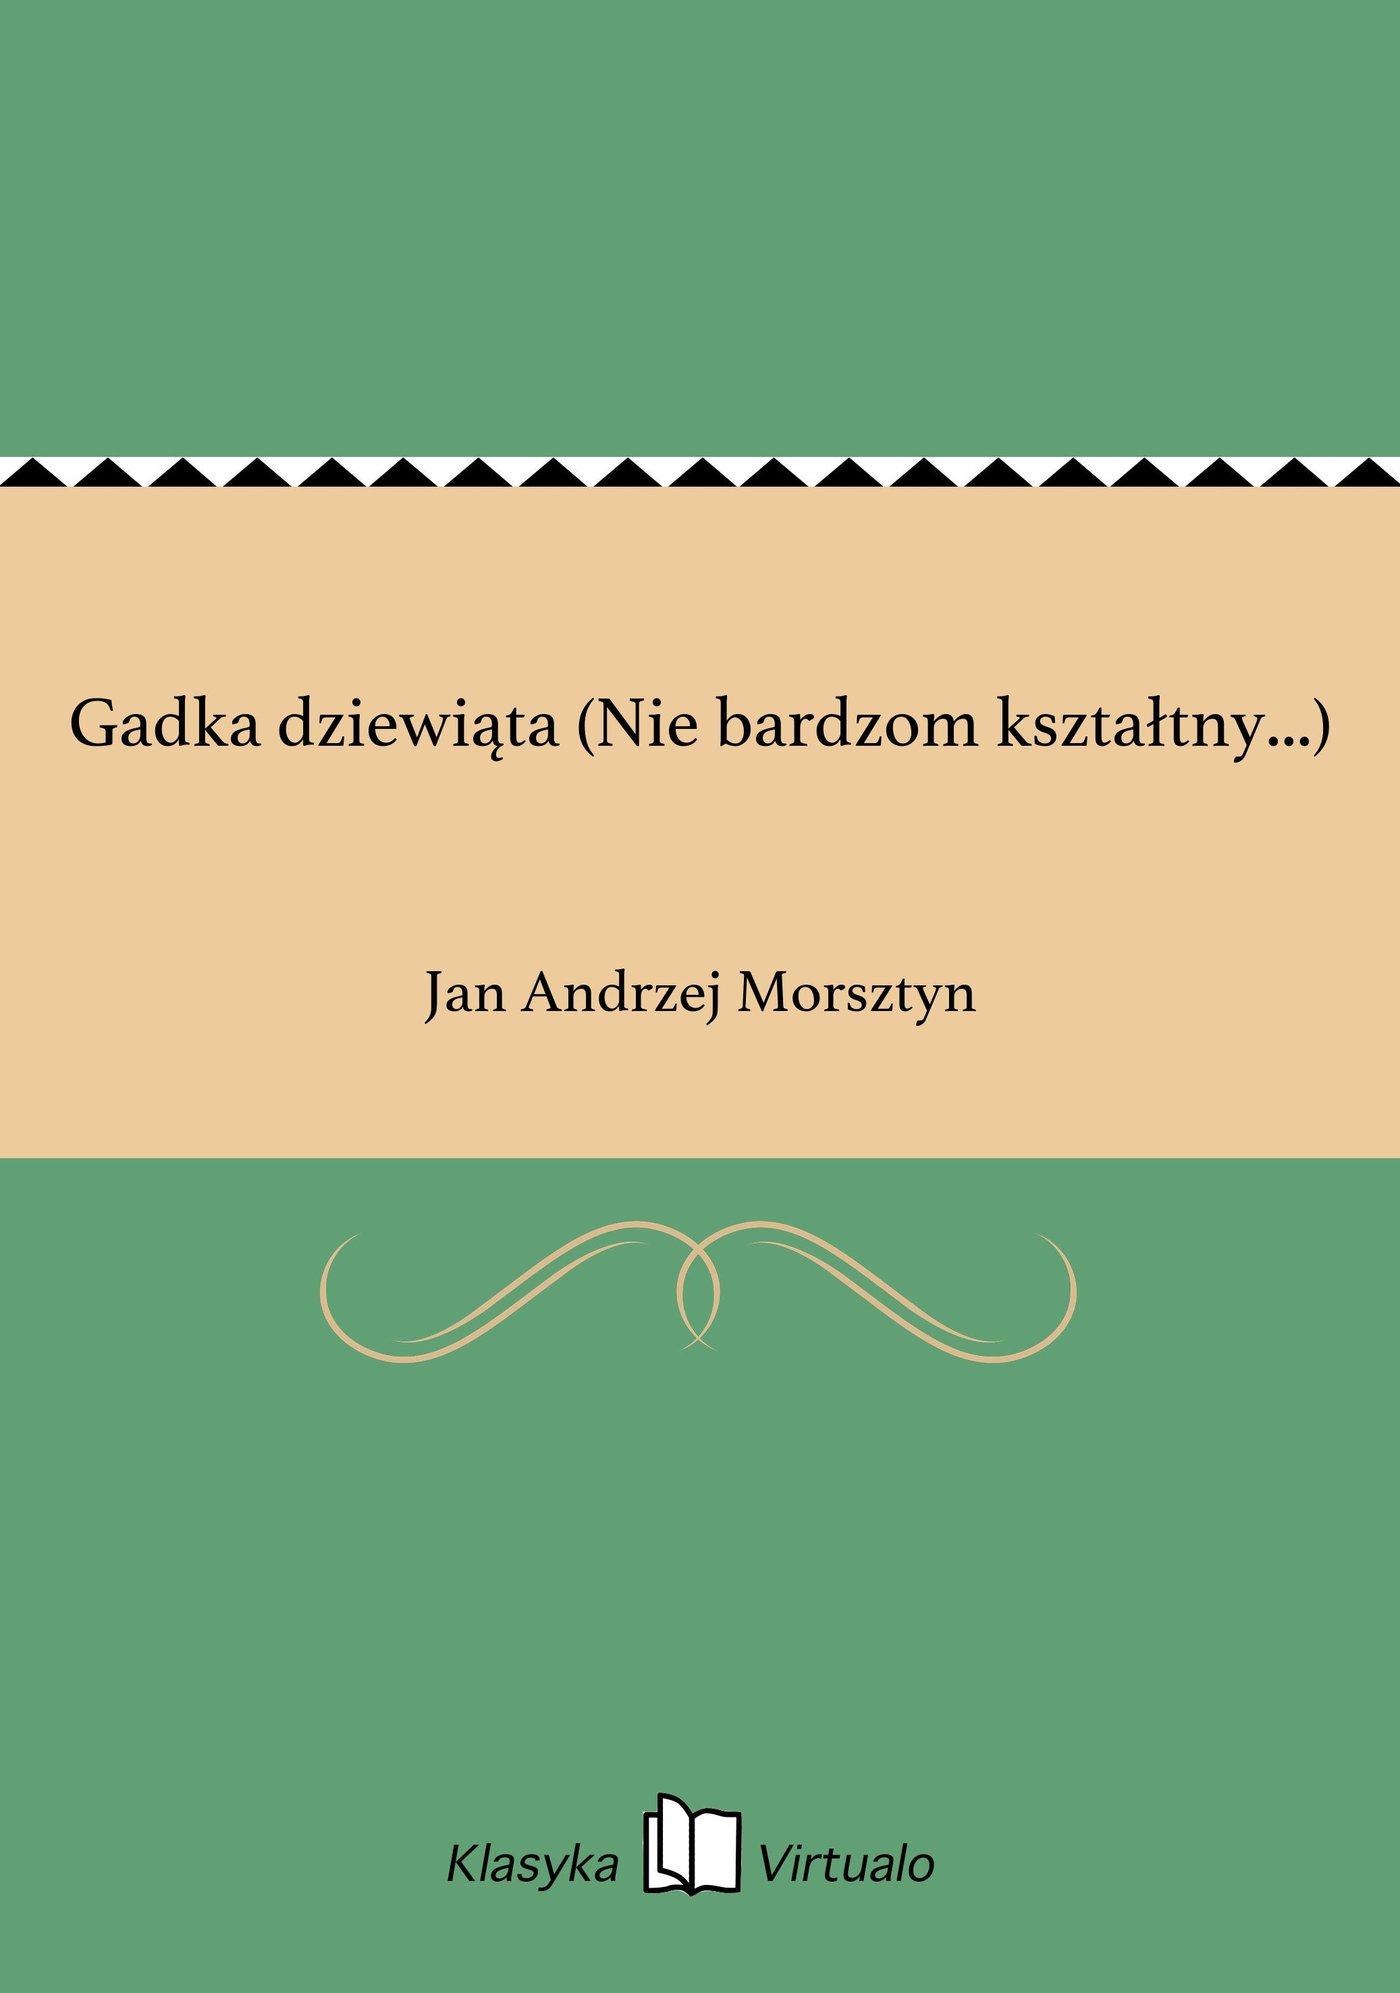 Gadka dziewiąta (Nie bardzom kształtny...) - Ebook (Książka EPUB) do pobrania w formacie EPUB